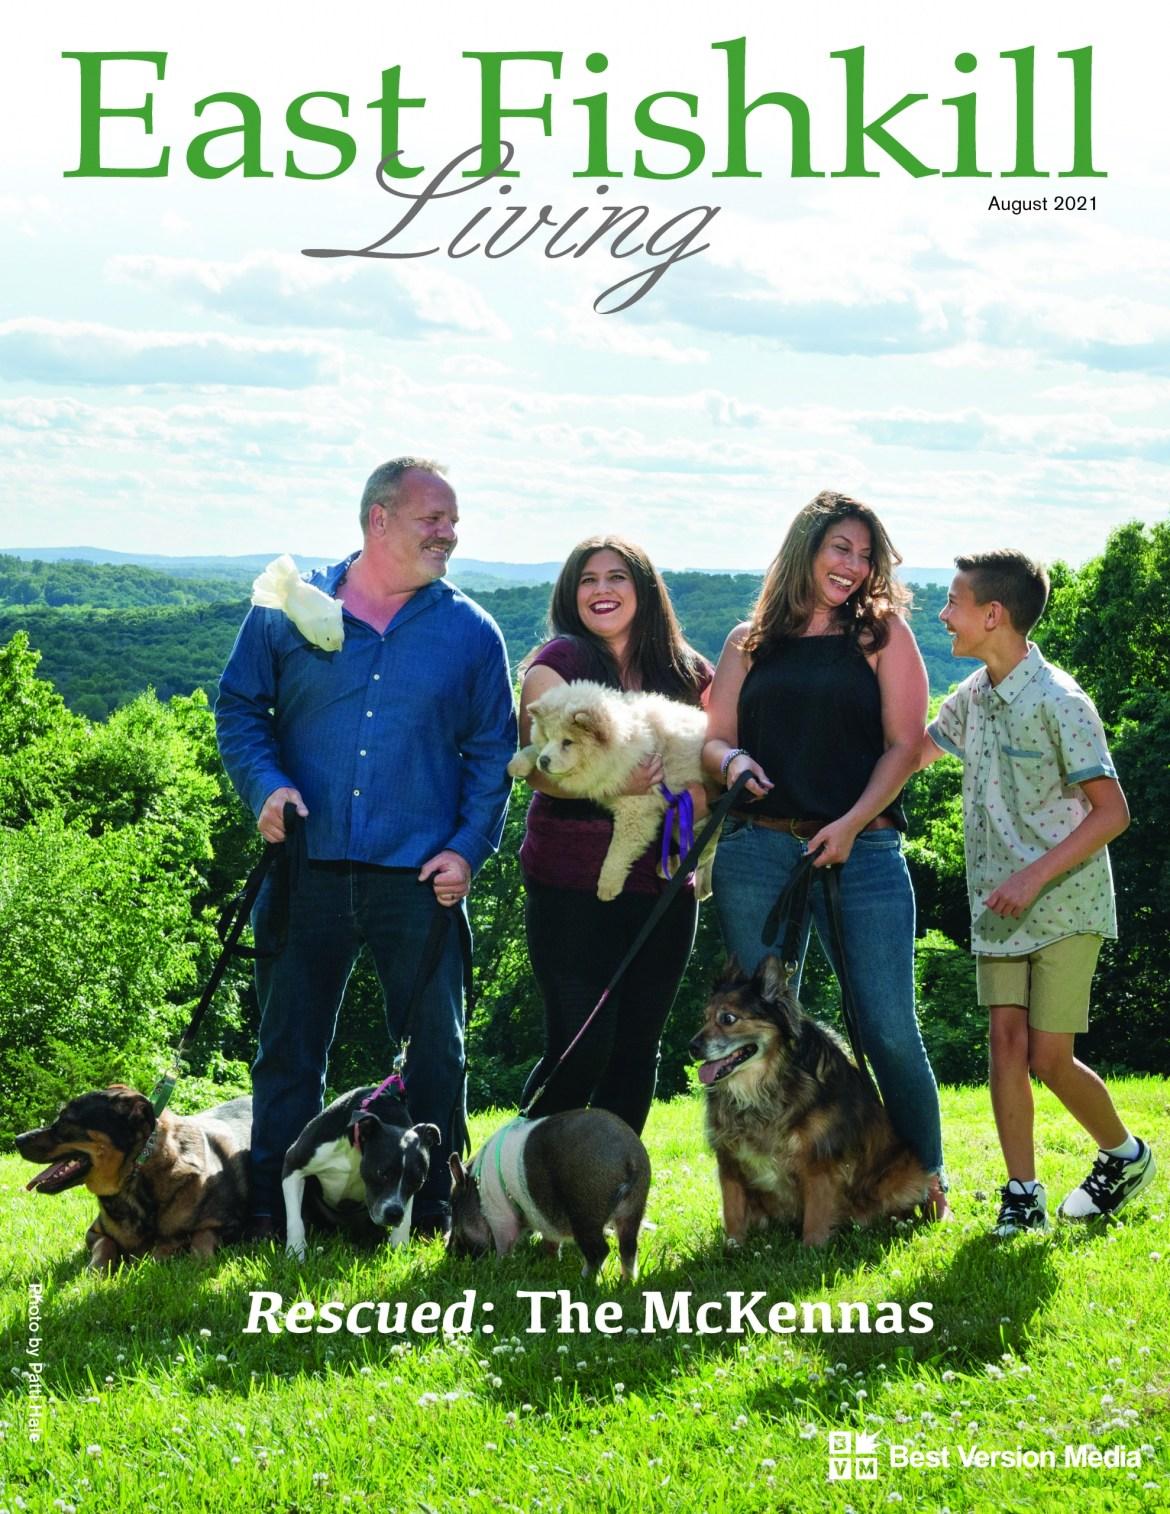 Rescued: The McKennas